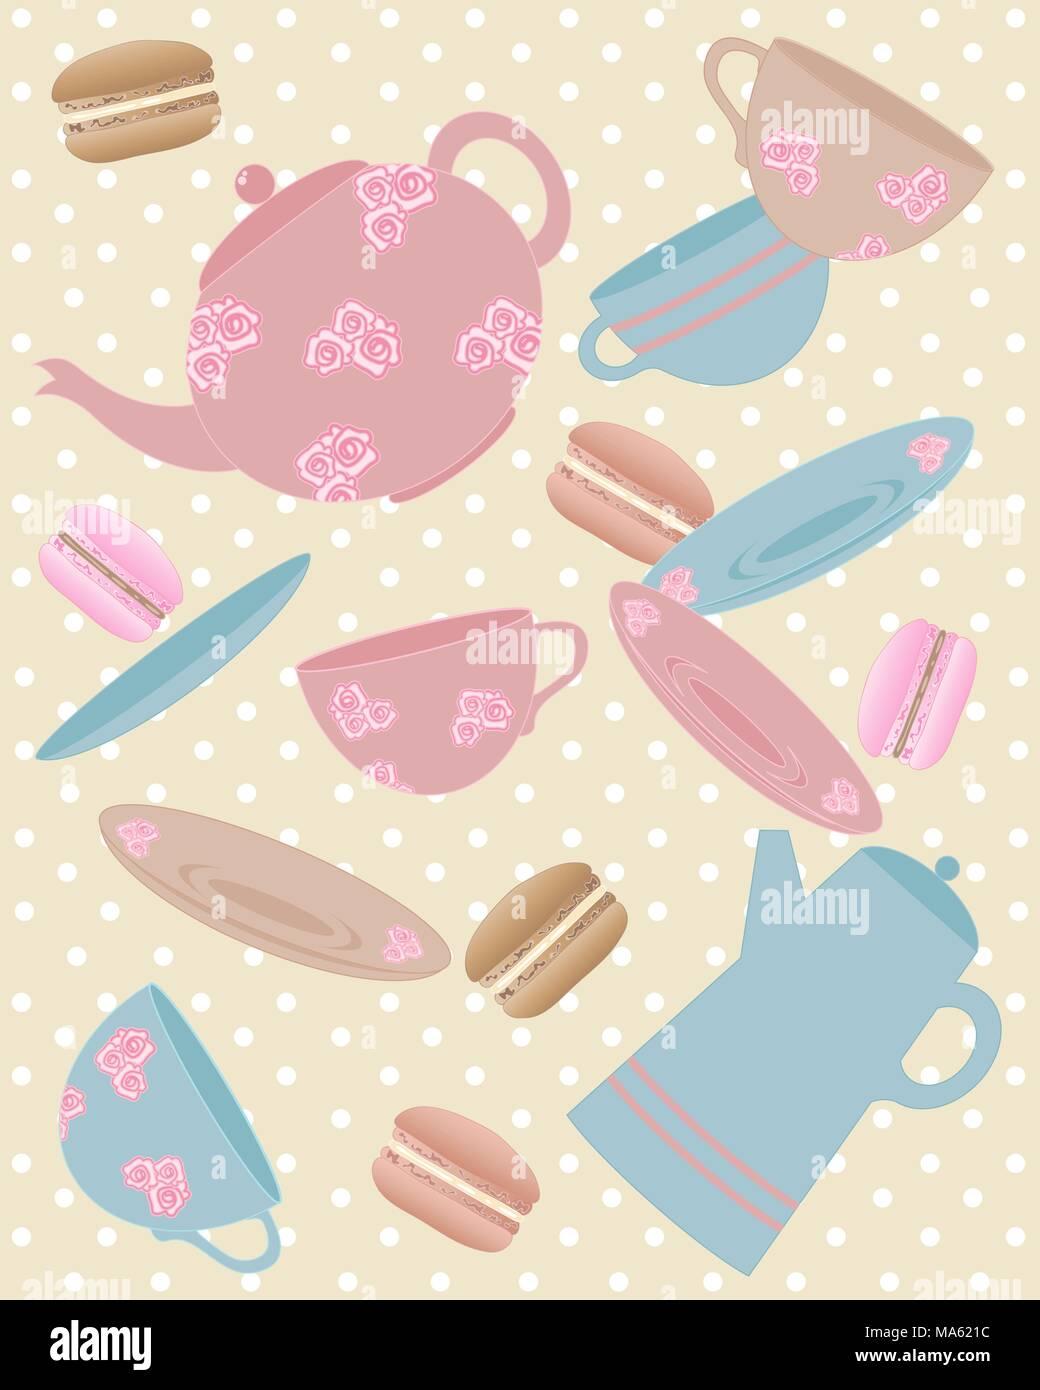 Una illustrazione vettoriale in formato eps formato 10 di elementi da un cafe compresi teiera tazza piattino POT del caffè e amaretti in colori vintage Immagini Stock